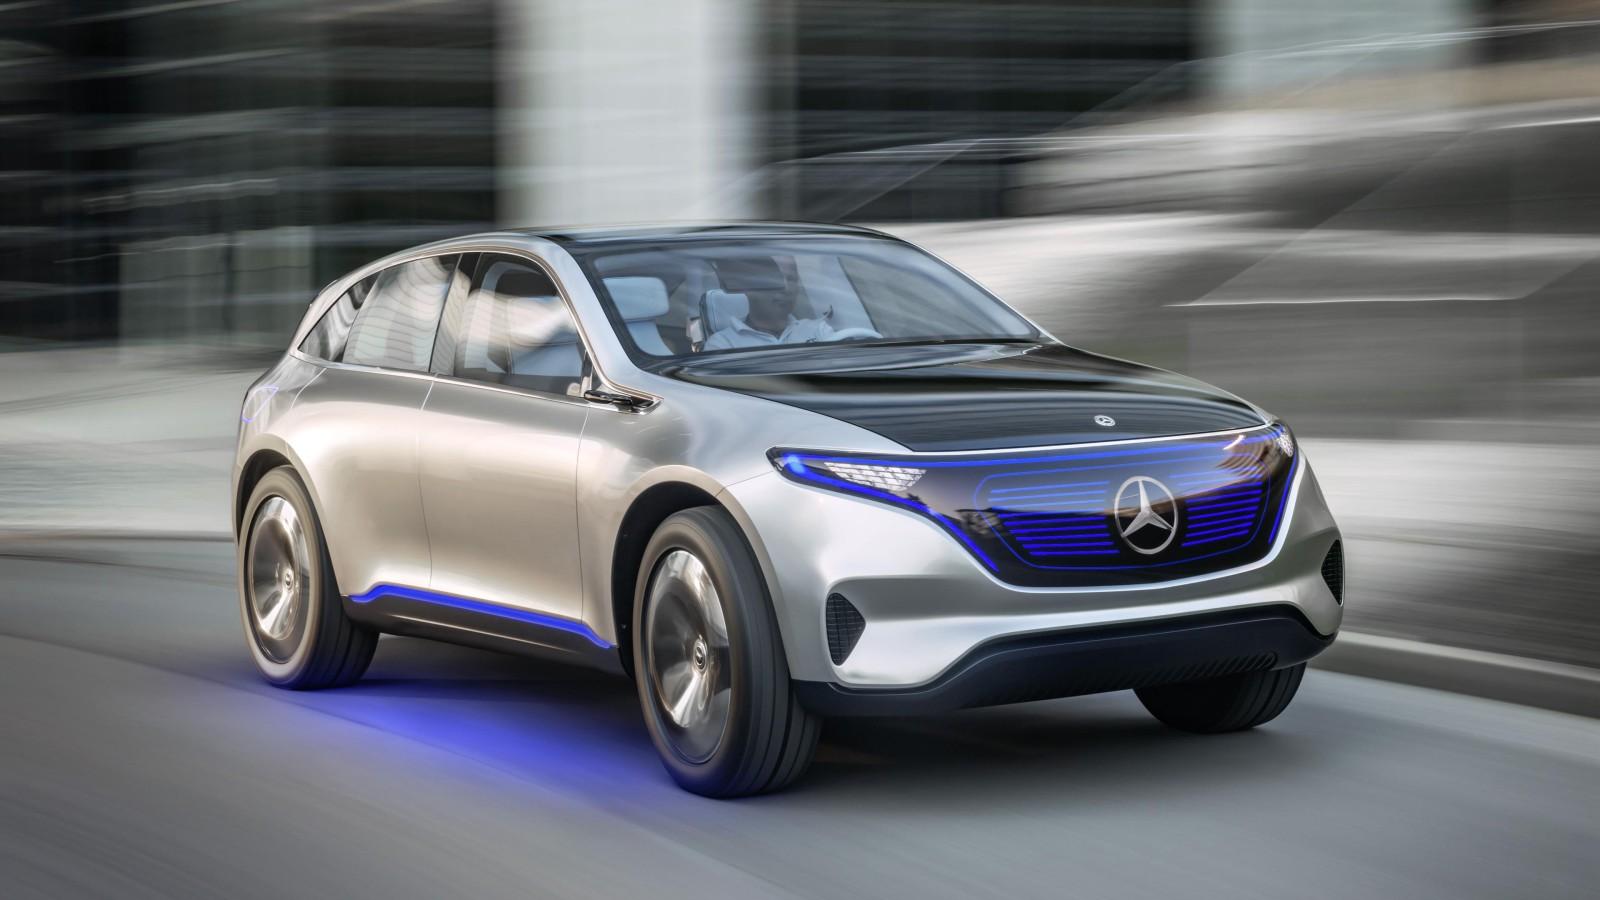 Mercedes benz eq electric suv 4k wallpaper hd car for Mercedes benz electric cars